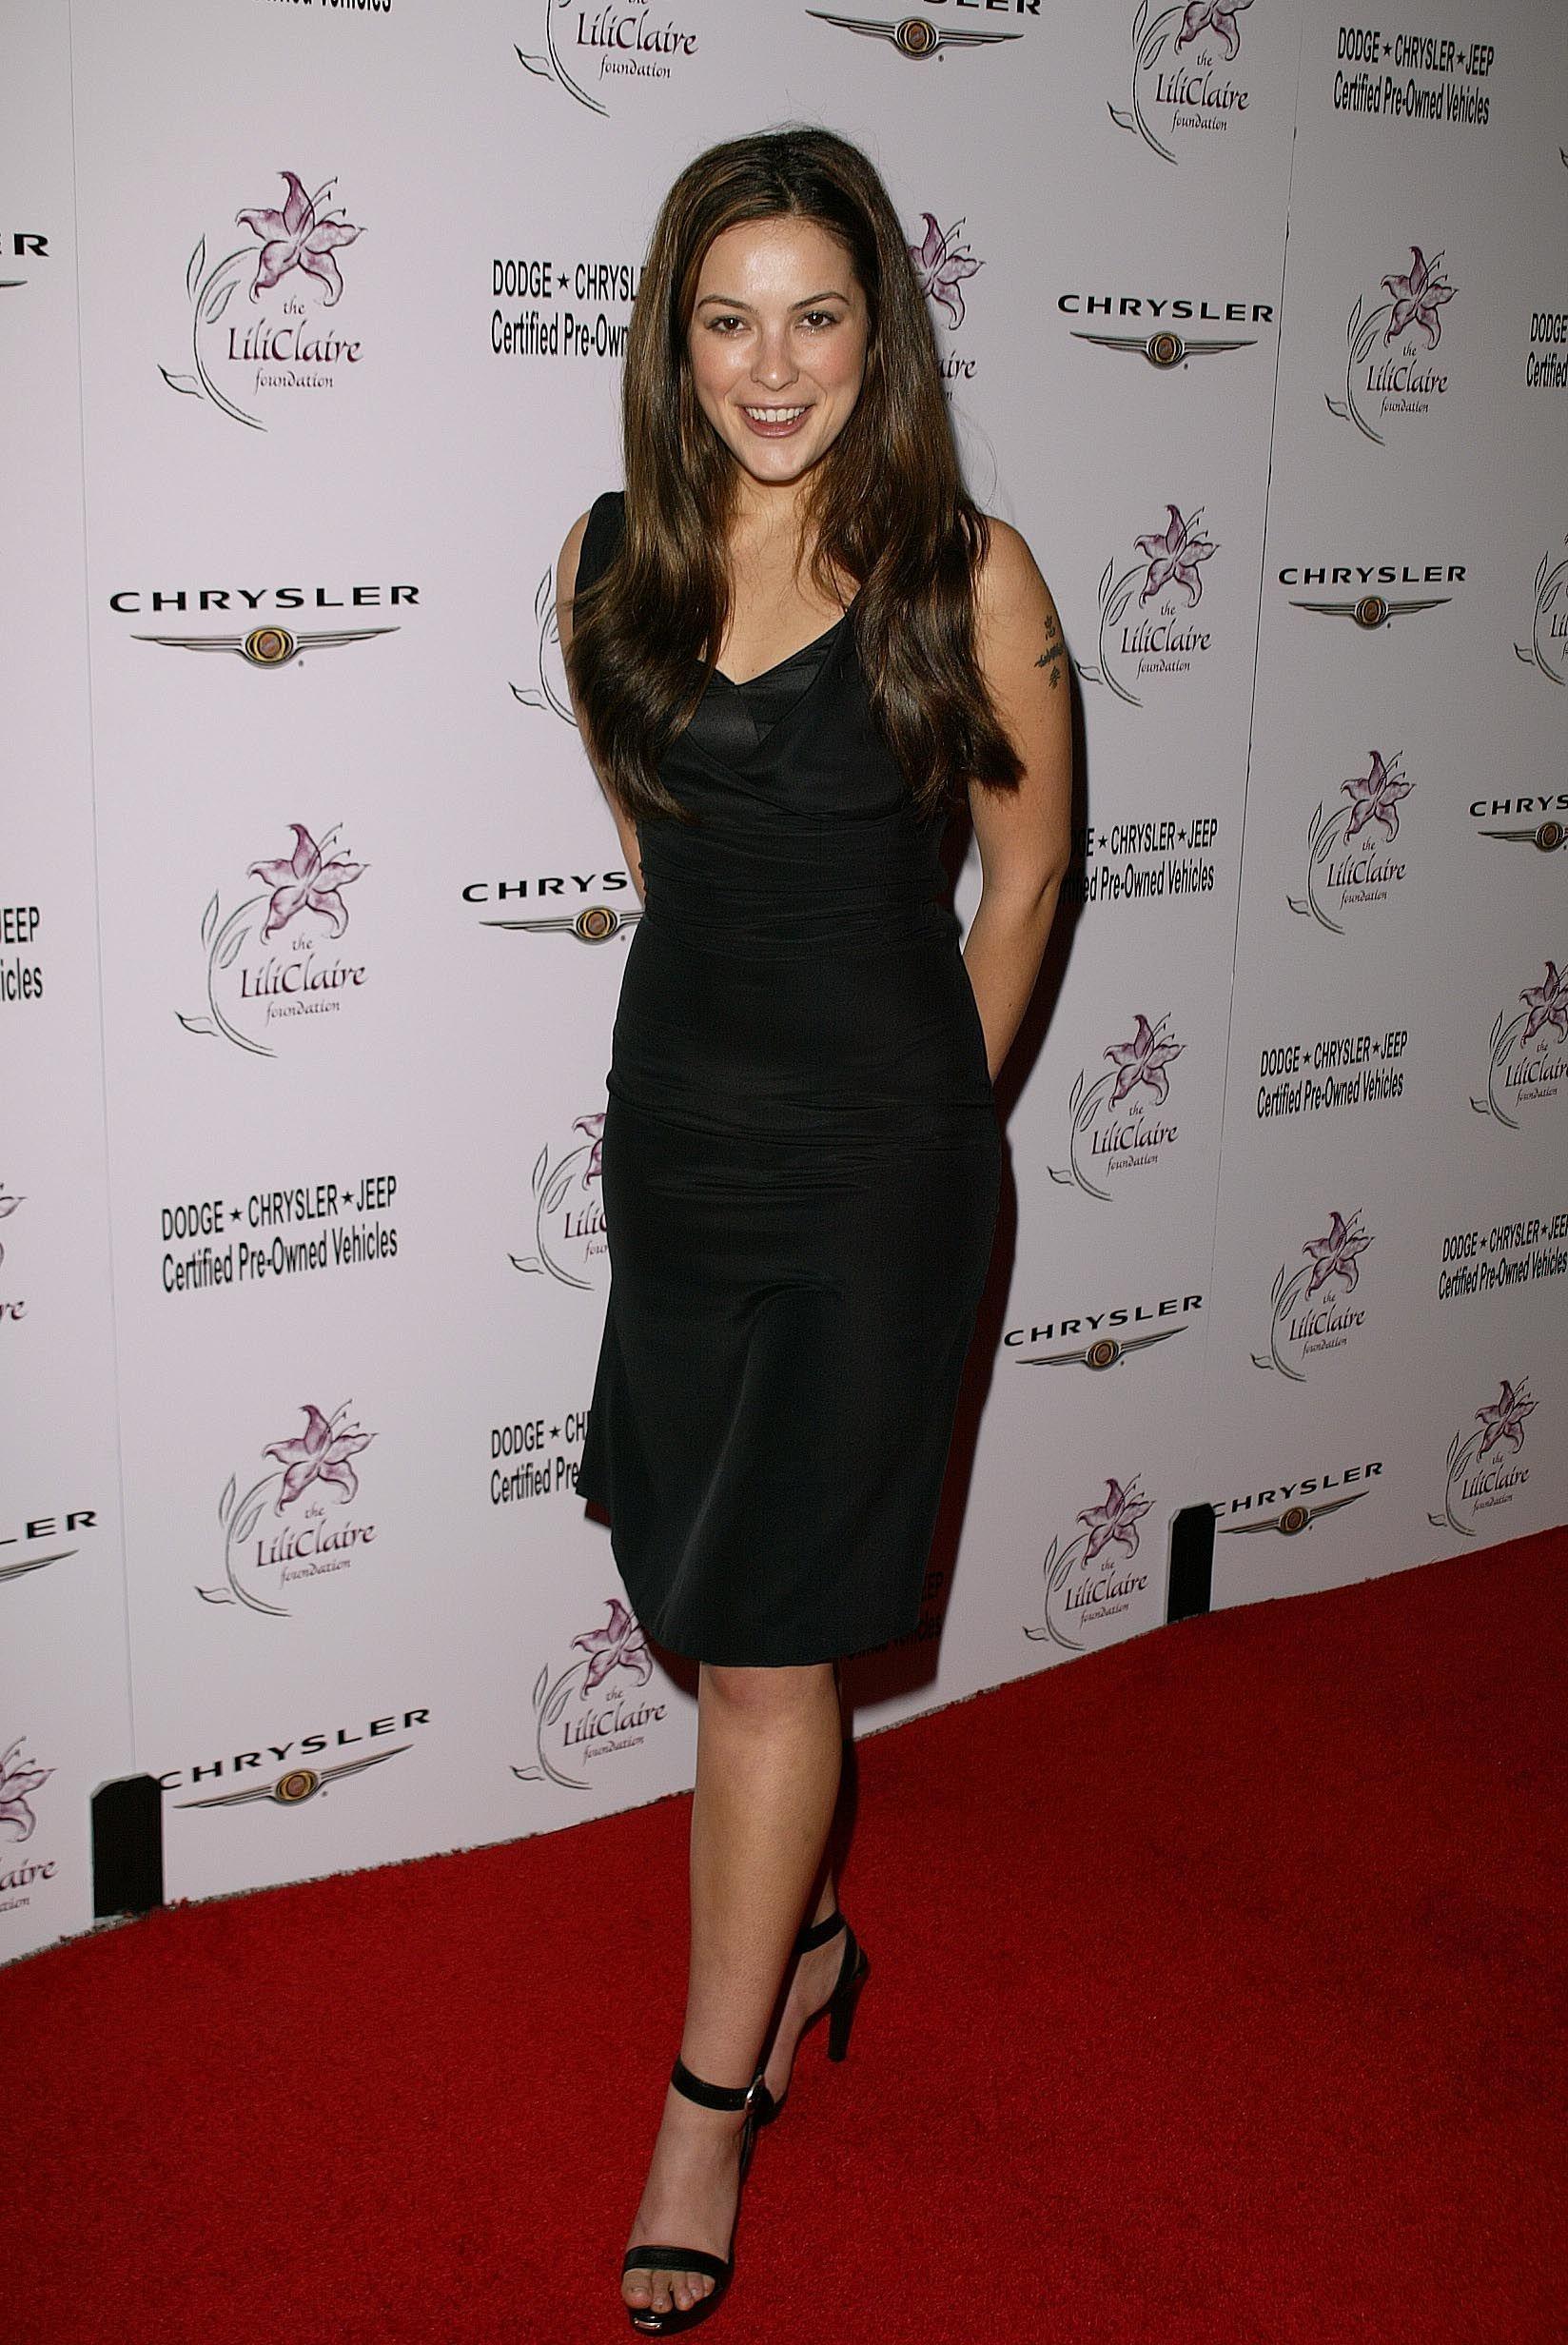 Cote de Pablo - Nude Celebrities Forum | FamousBoard.com